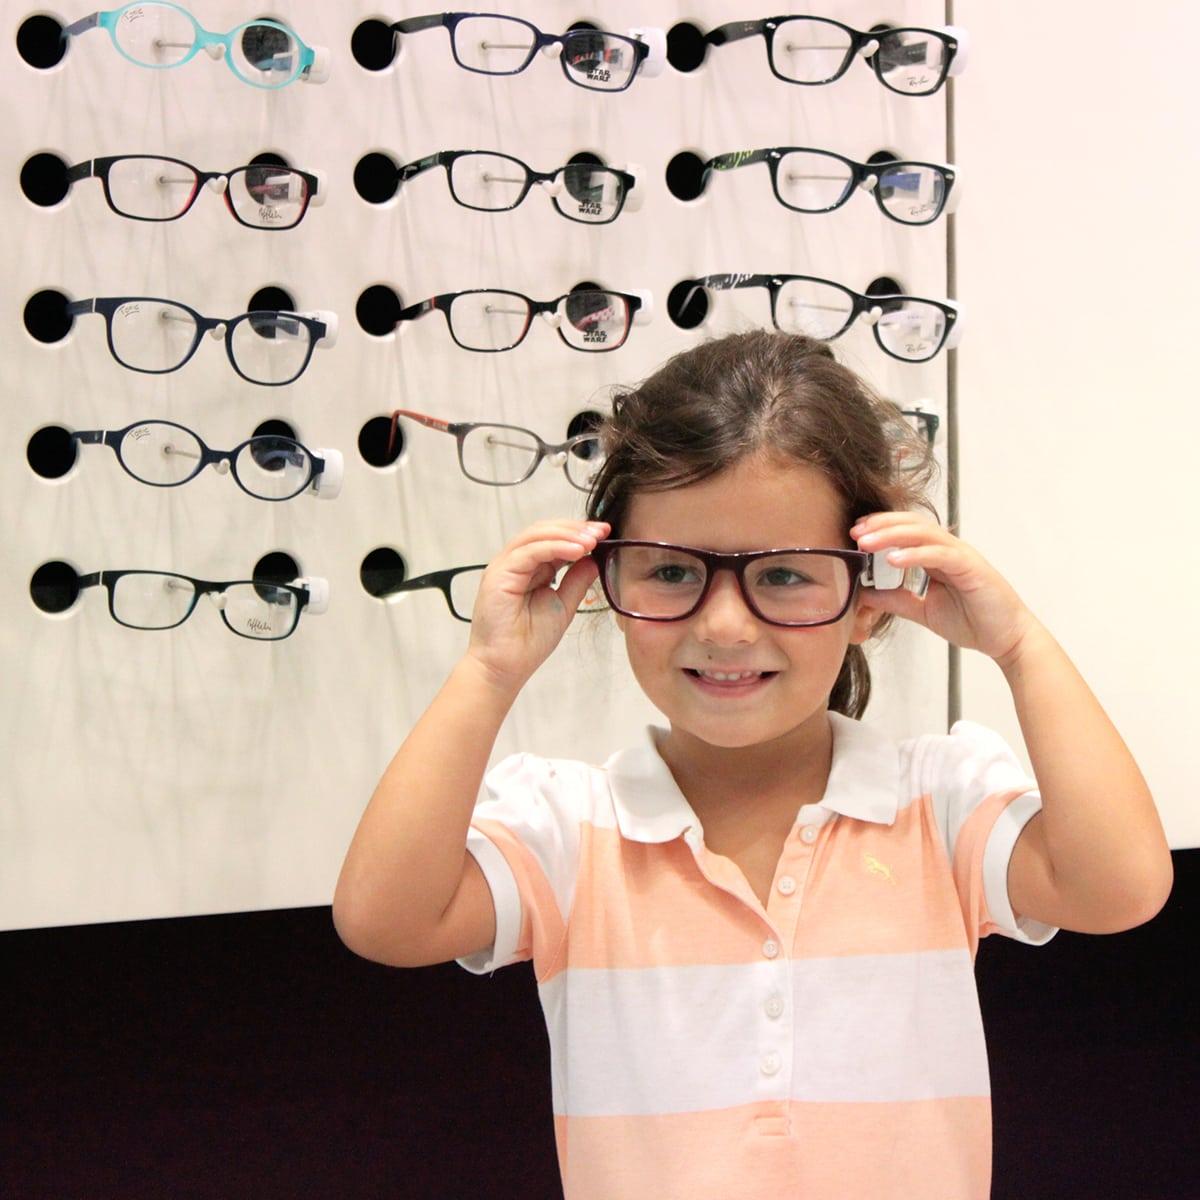 Oftalmología Cómo Ayudar A Los Niños A Elegir Las Gafas 0738d4c1e367